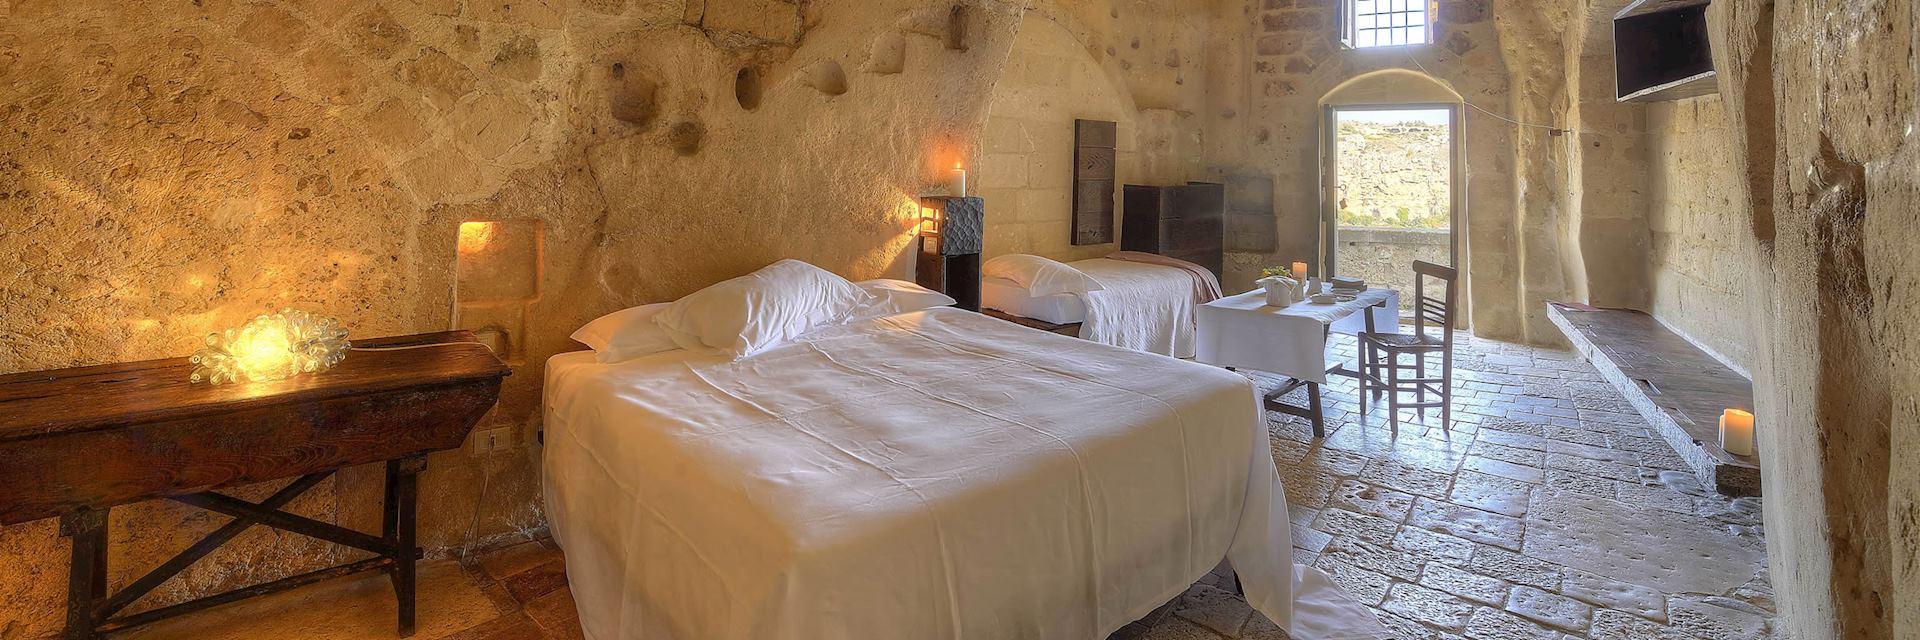 Sextiano Le Grotte Delle Civita